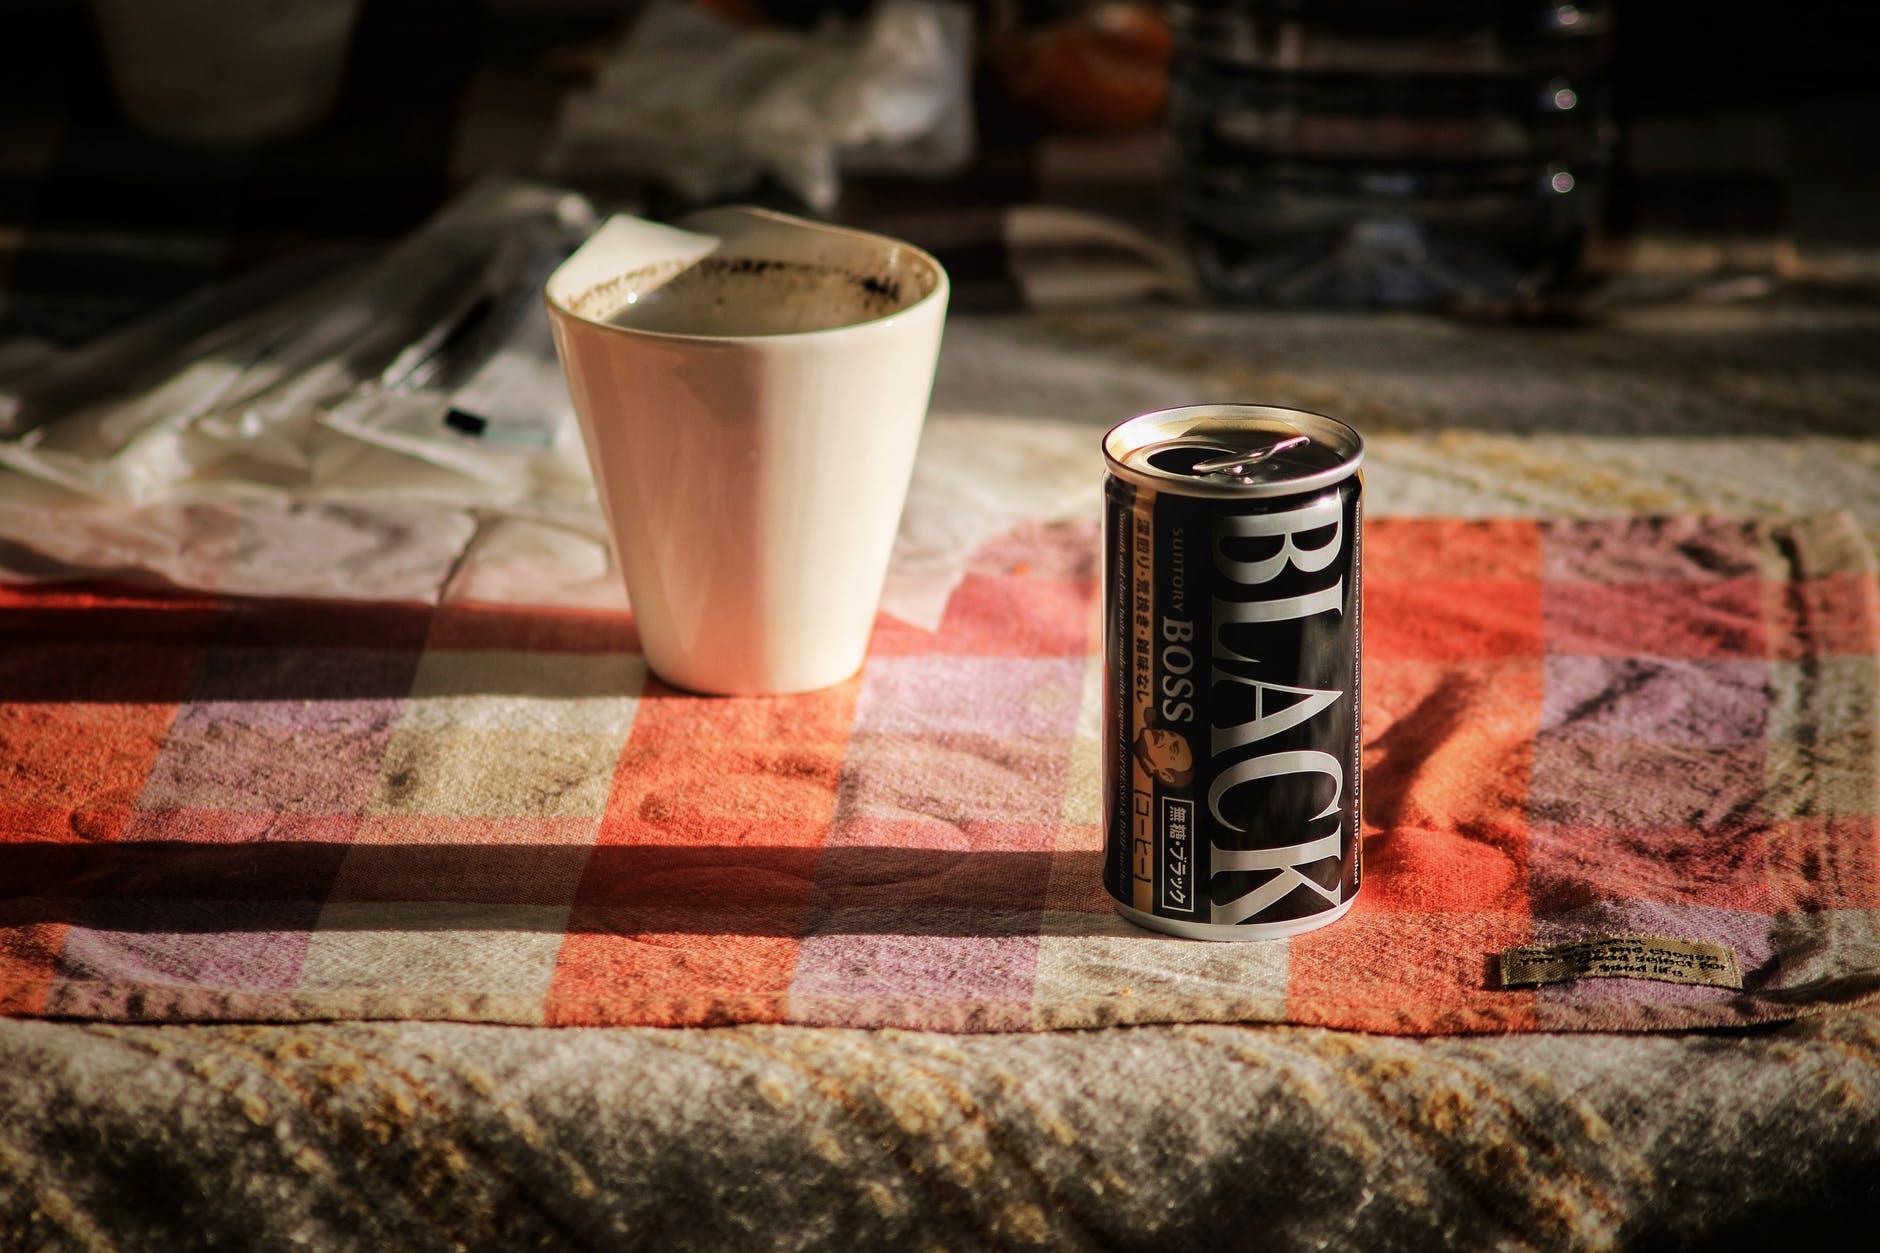 กาแฟกระป๋อง กับ แก้วกาแฟ